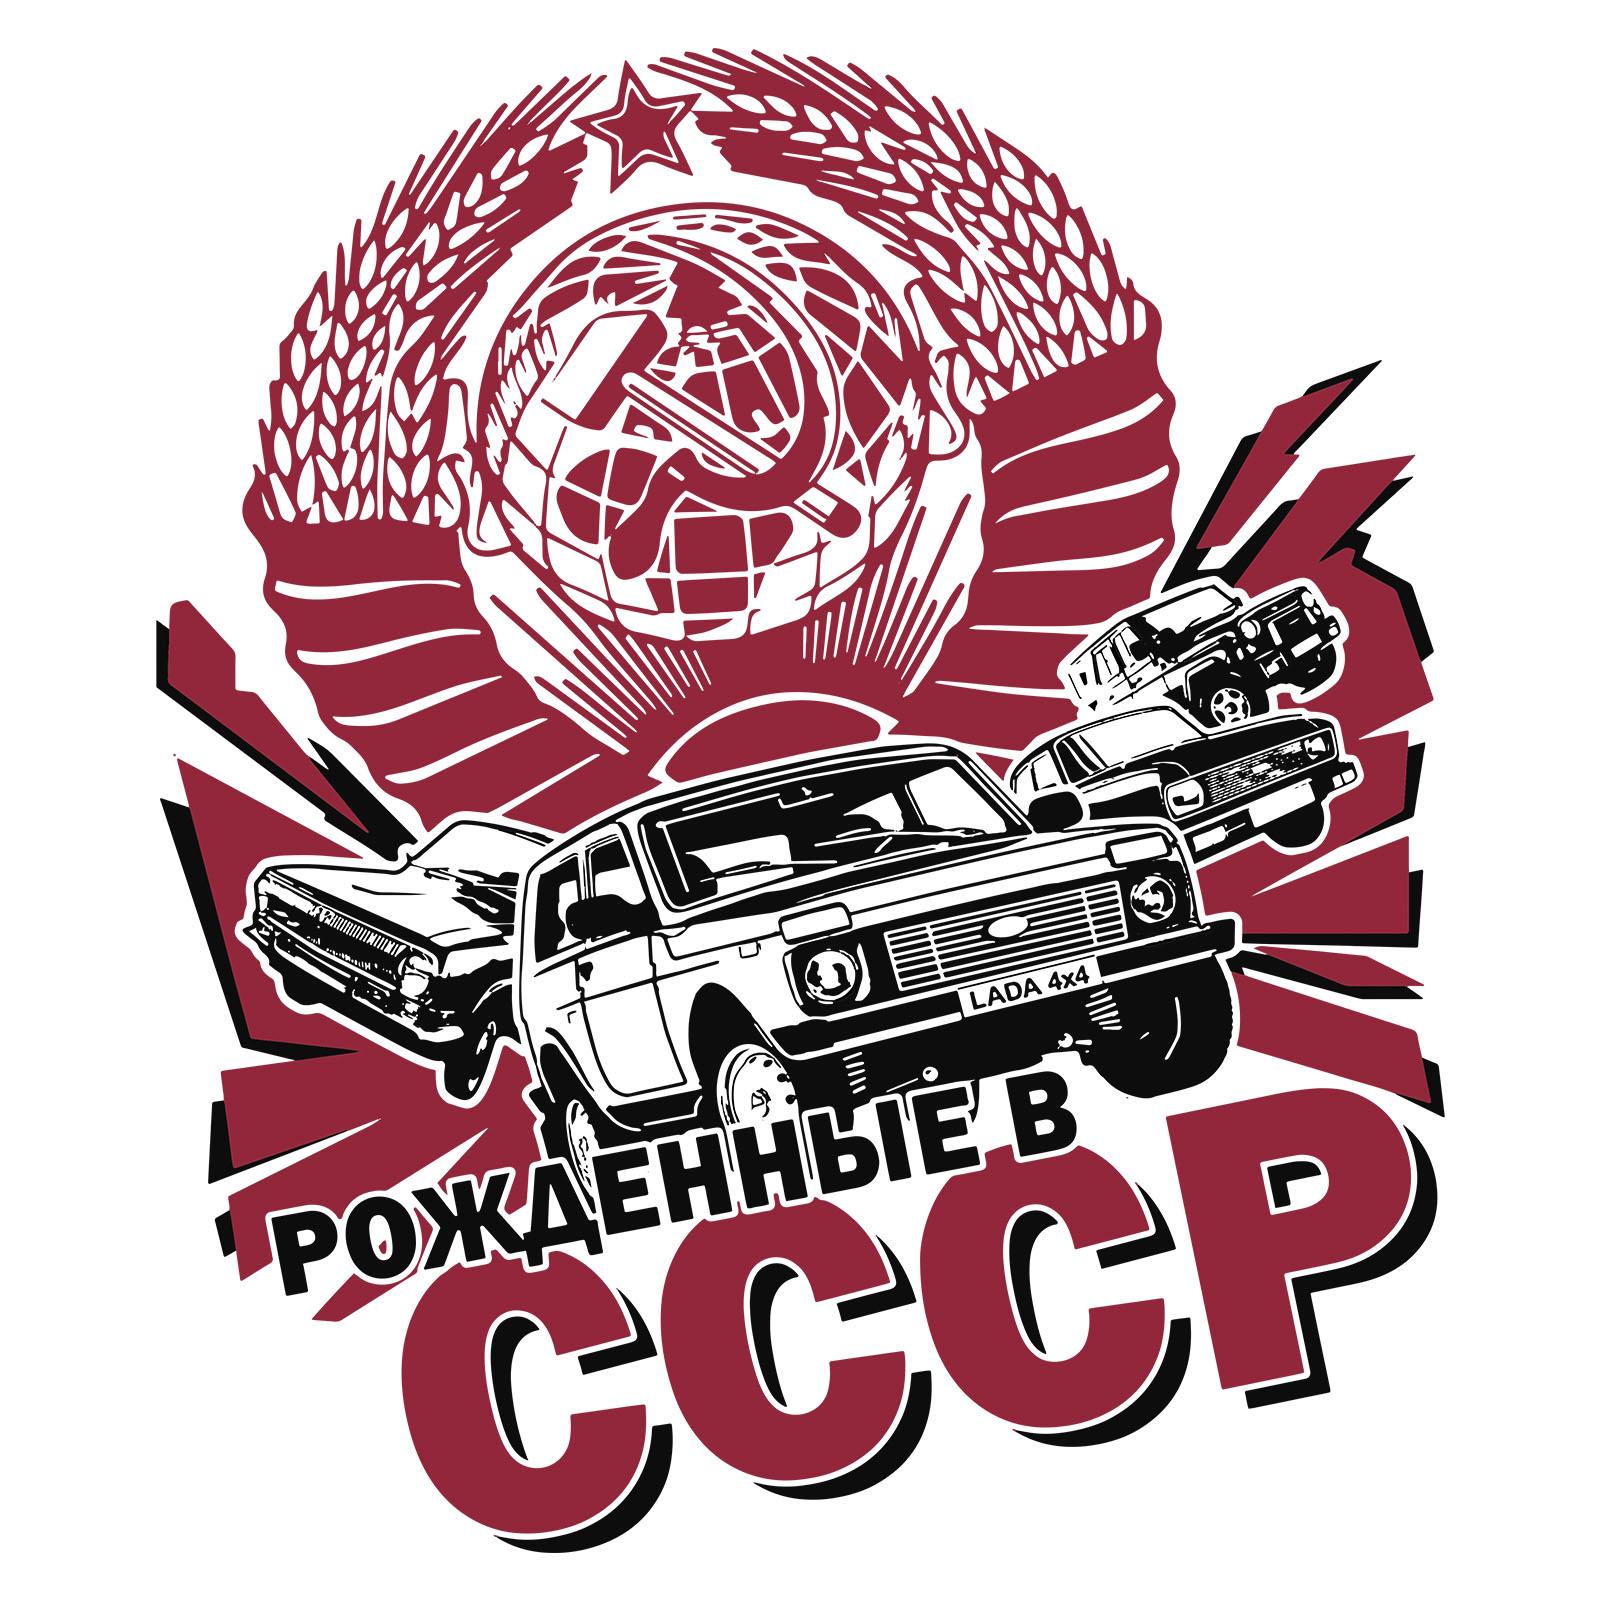 Ностальгическая мужская футболка для рождённых в СССР - принт